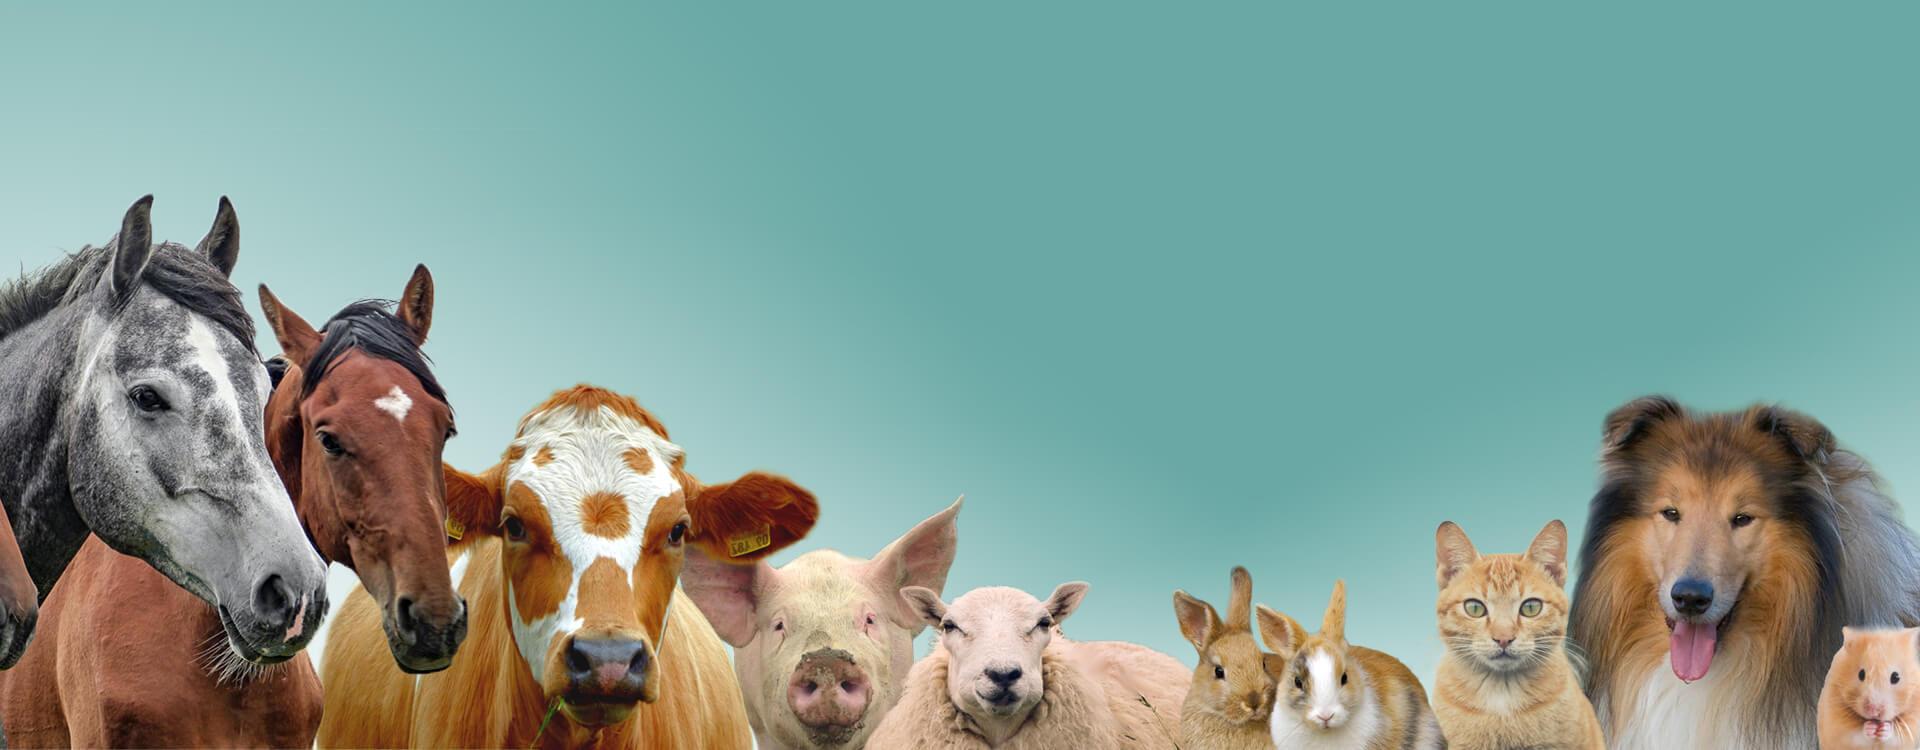 Naši veterinarji vam nudijo širok nabor različnih storitev od svetovanja do zdravljenja